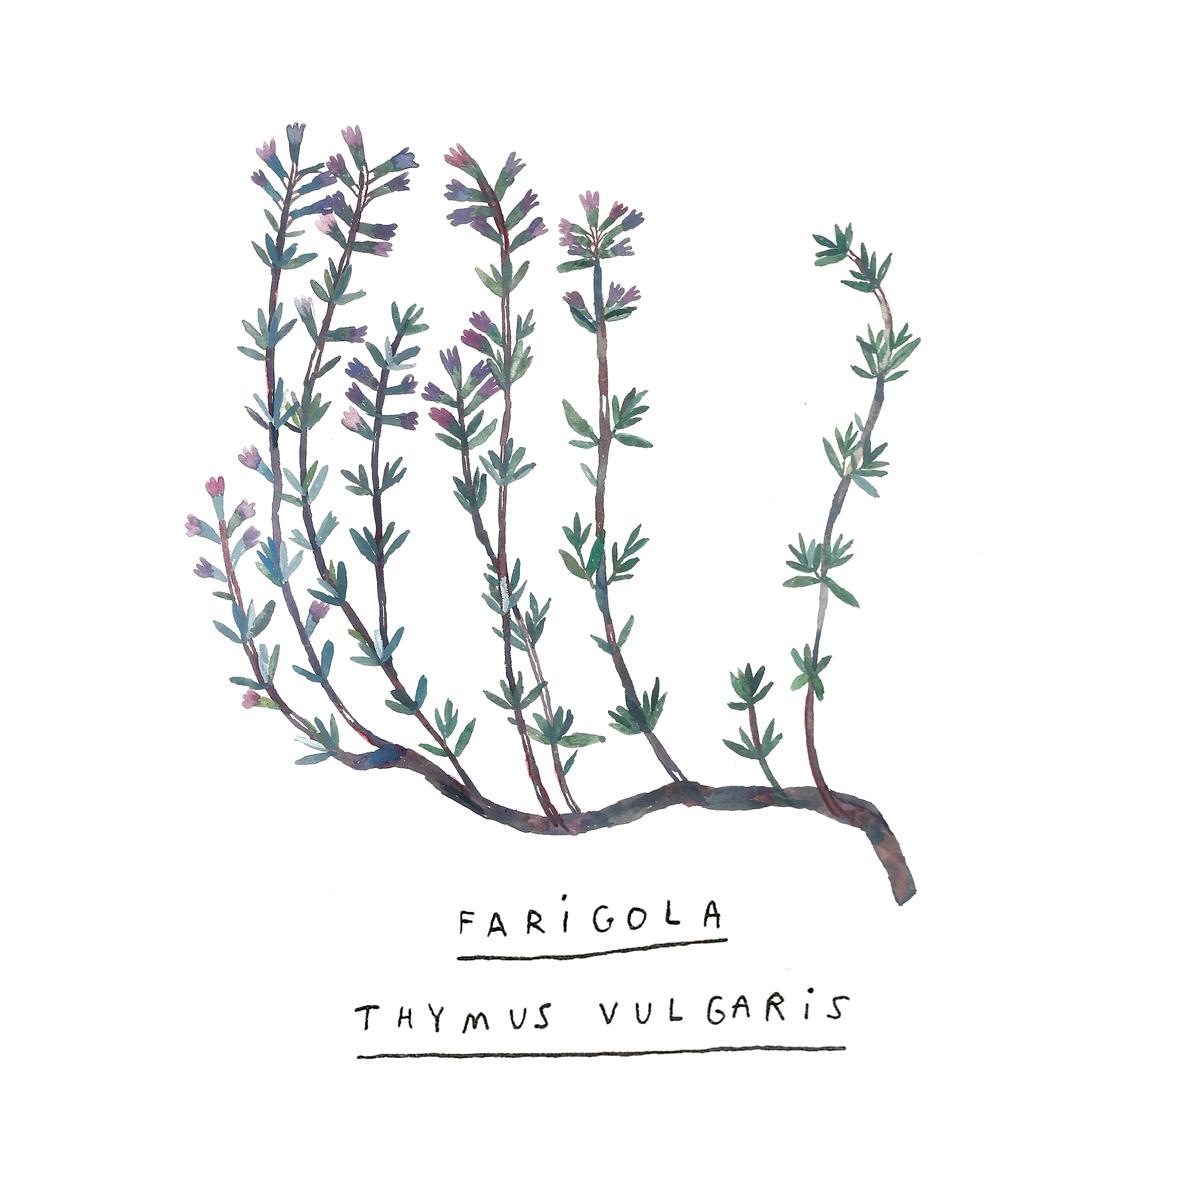 farigola